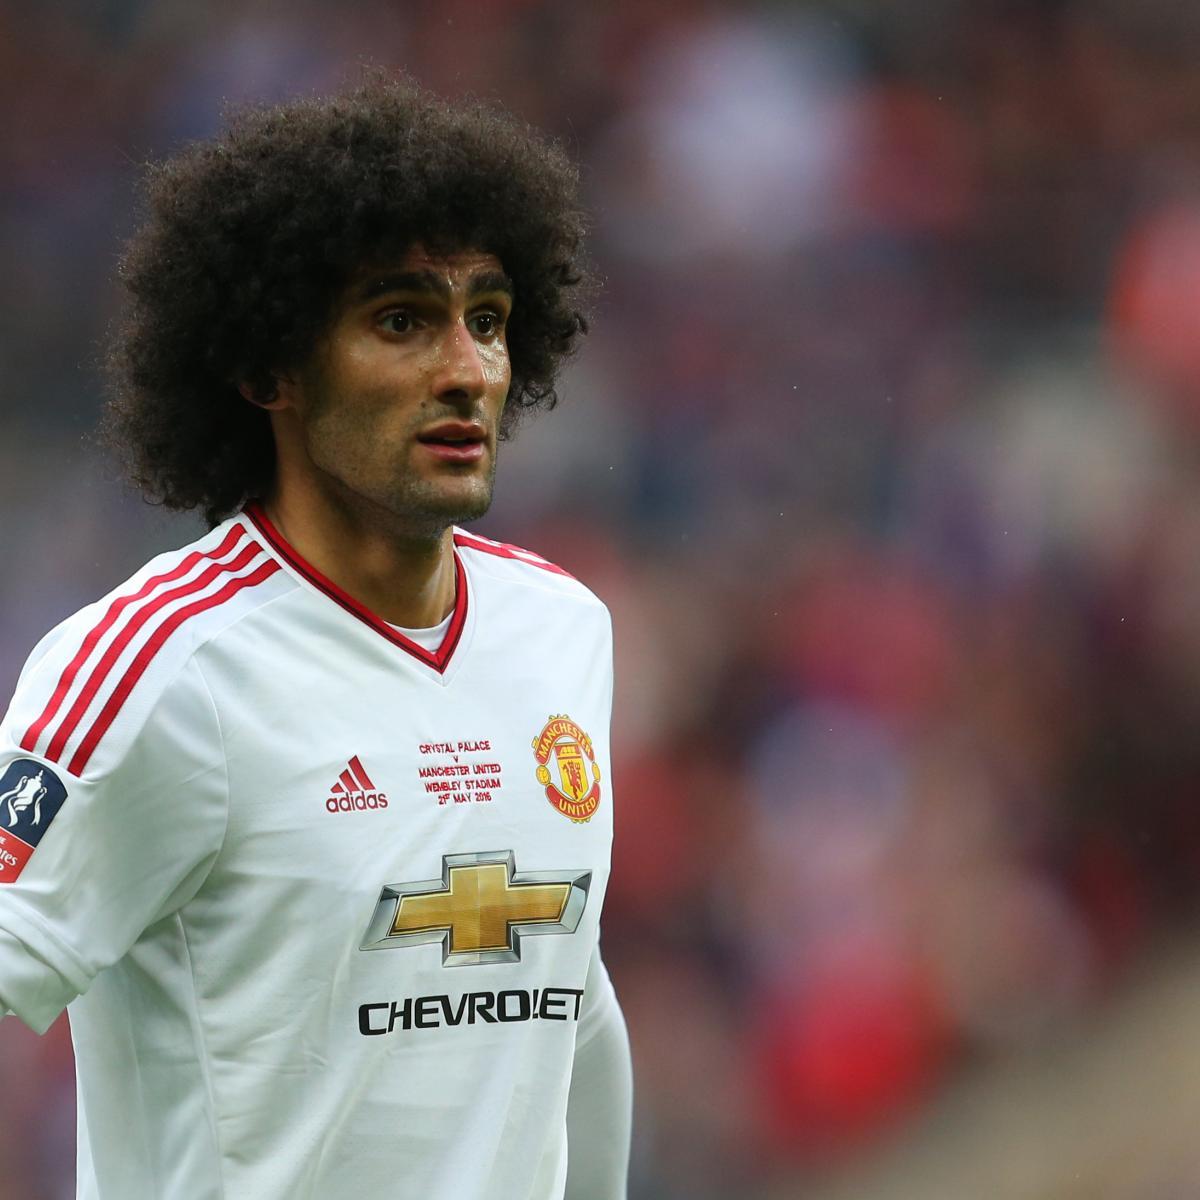 Manchester United Transfer News Latest Rumours On Lucas: Manchester United Transfer News: Latest Marouane Fellaini